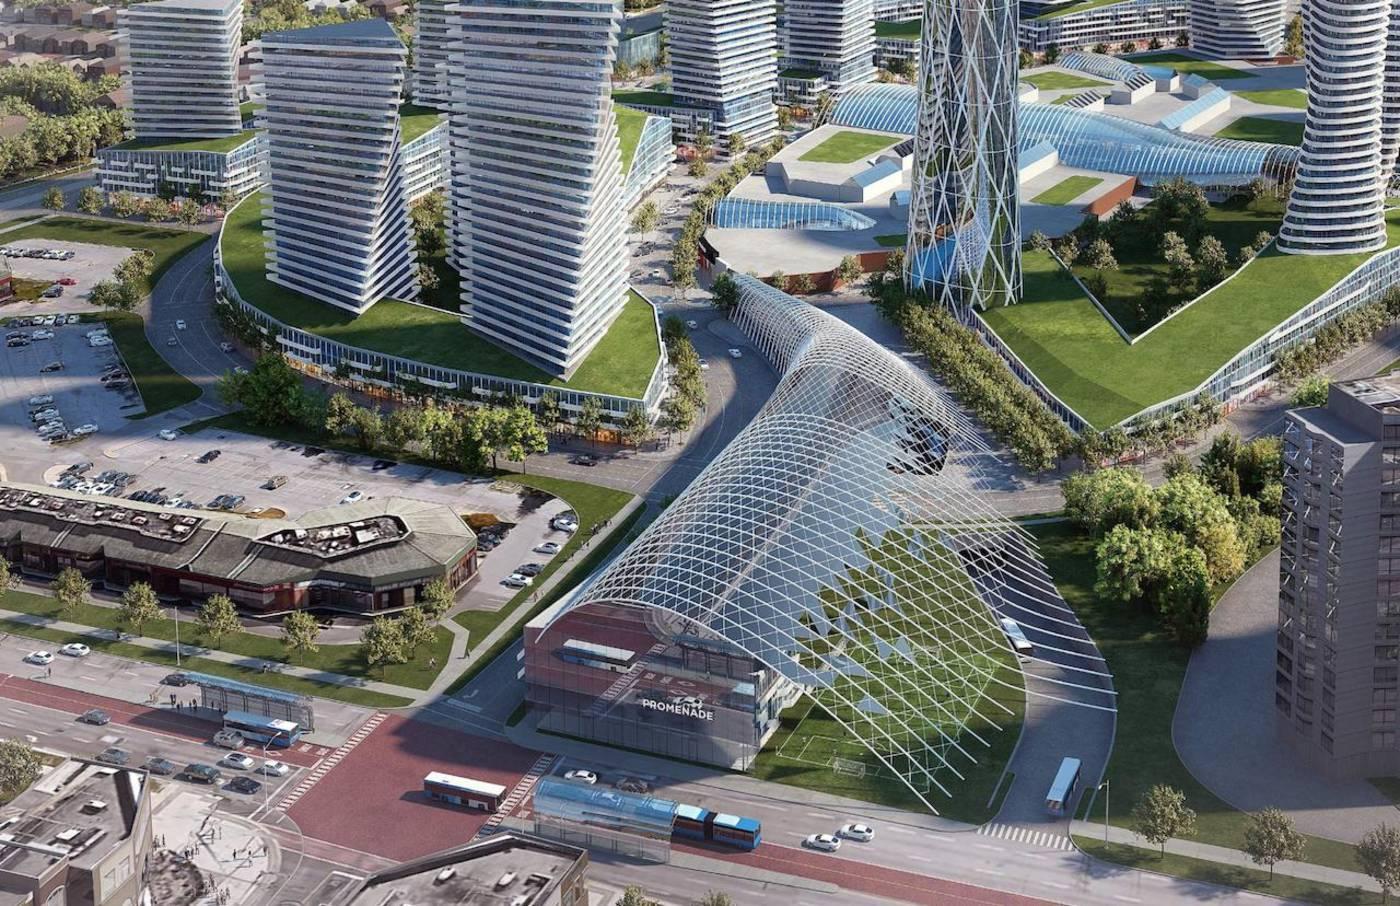 Promenade Mall in Vaughan